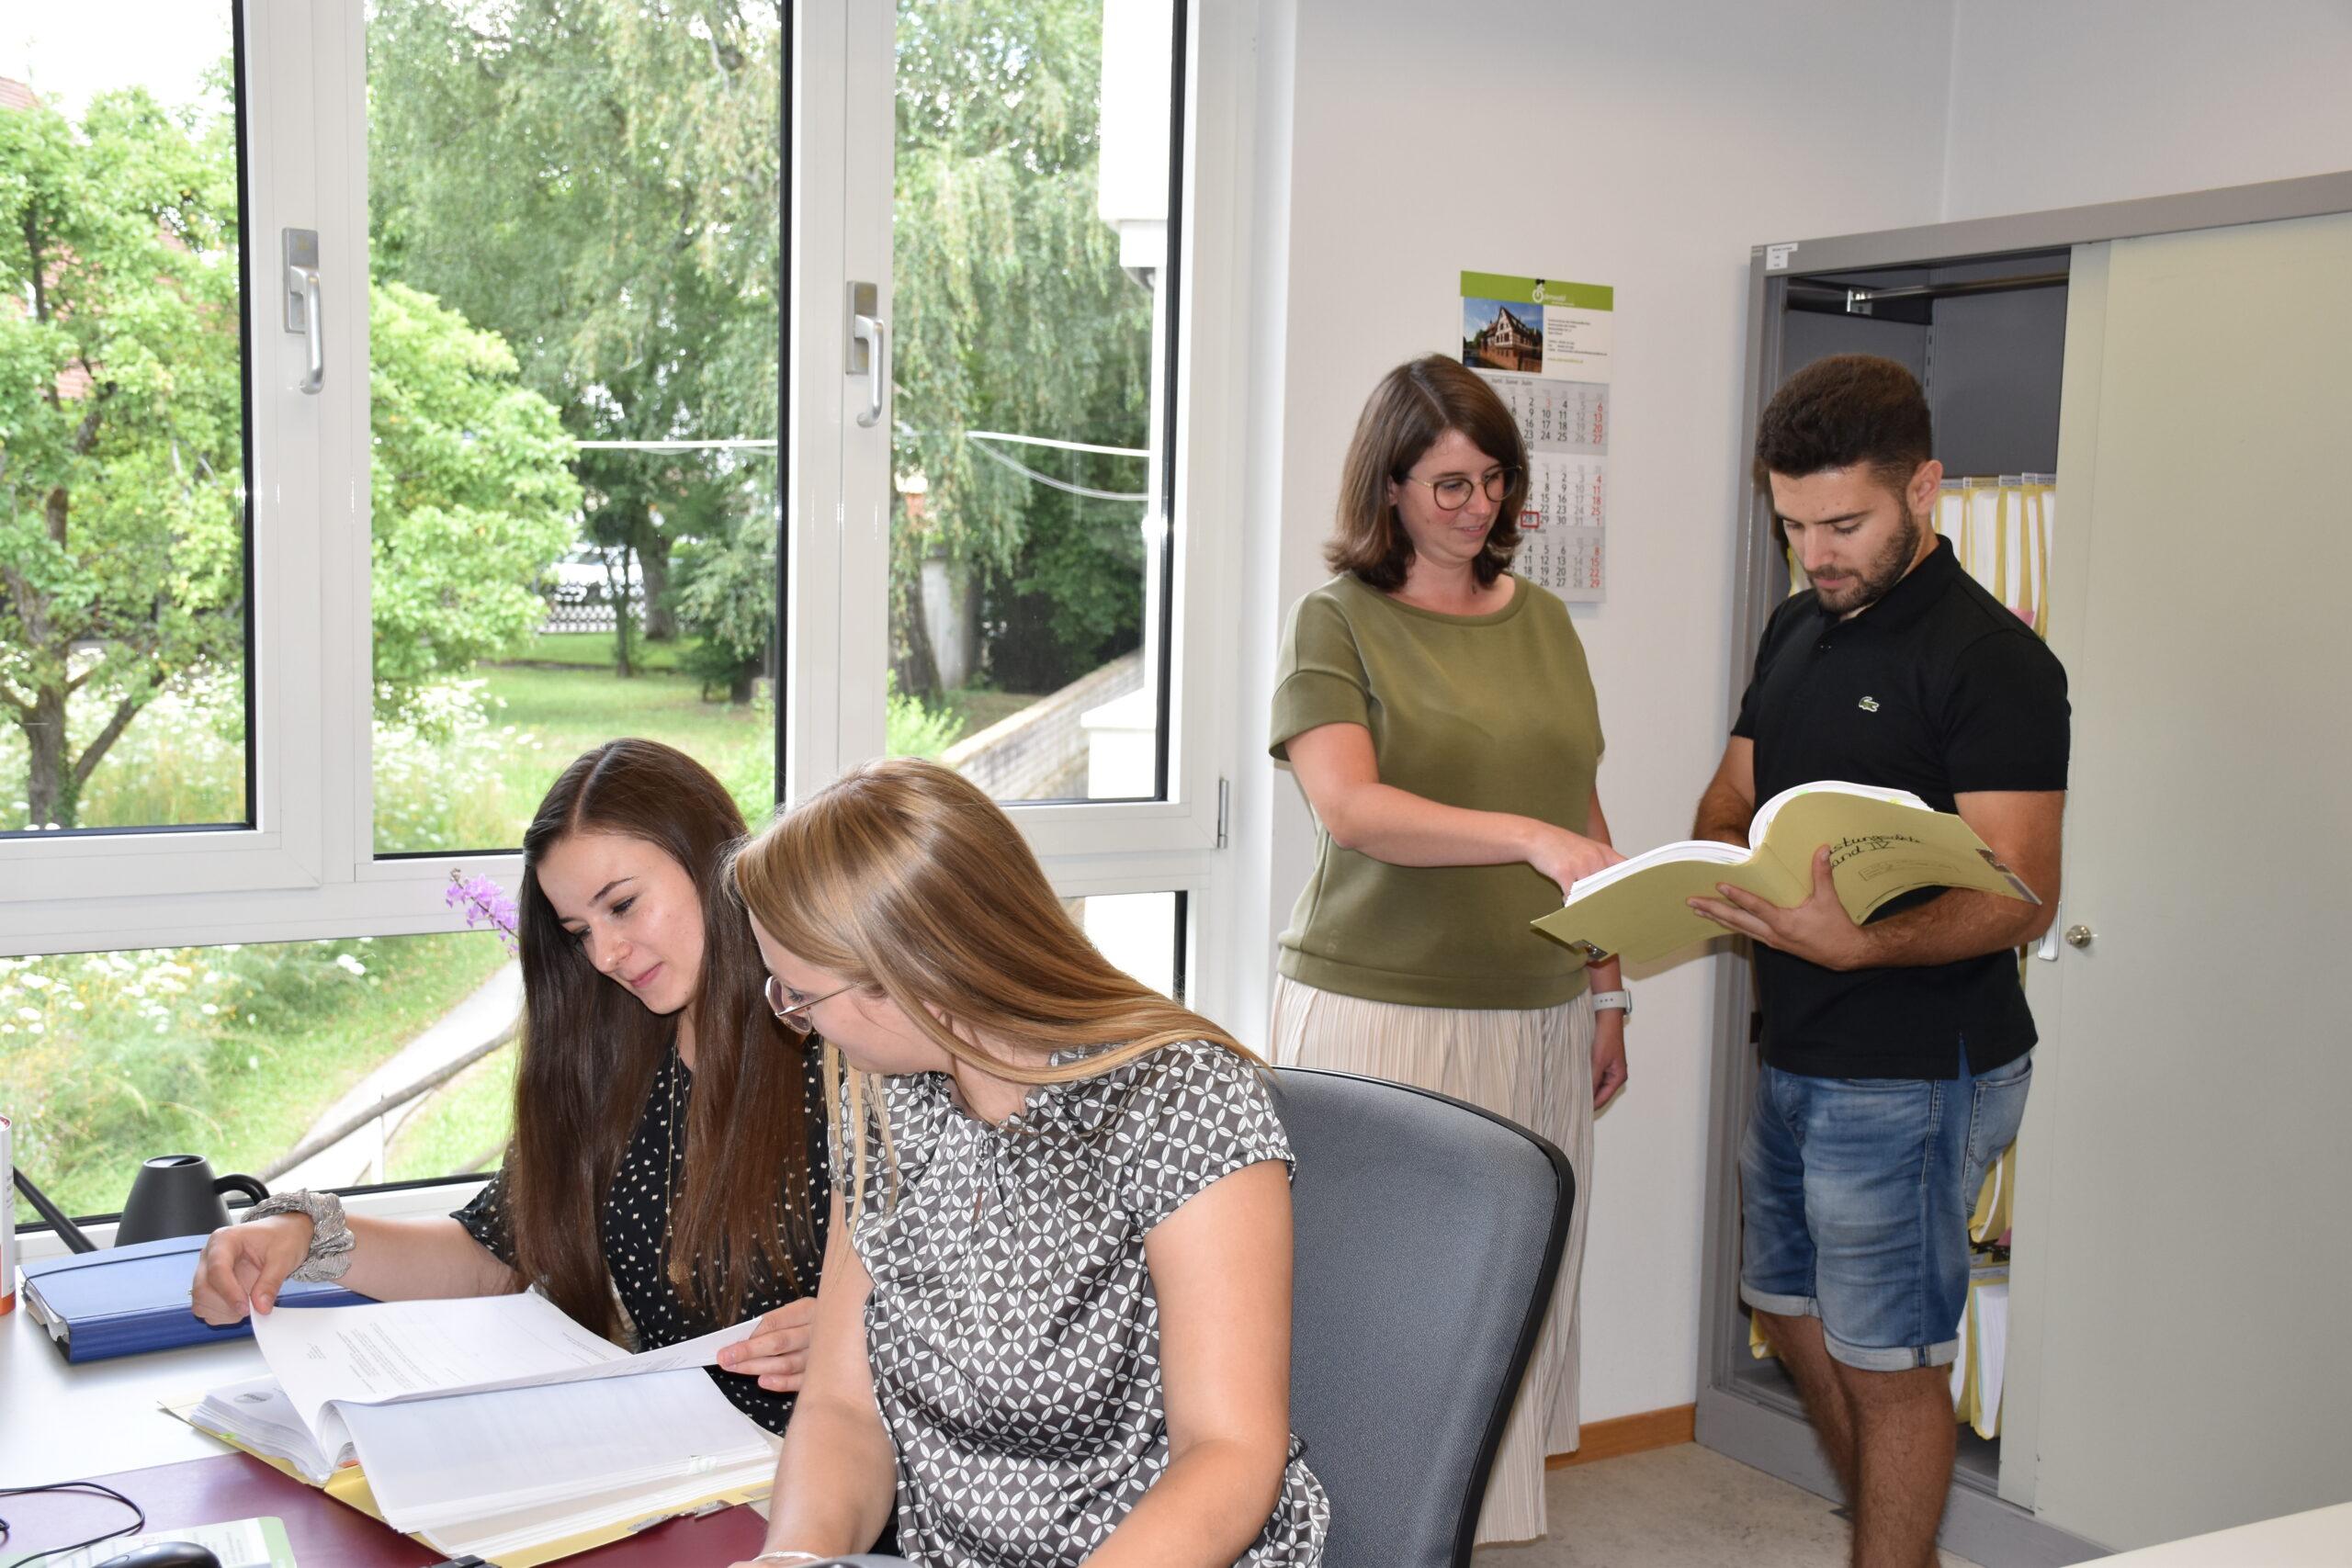 Berufung für Berufe, Menschen direkt zu helfen   Rhein Main Verlag